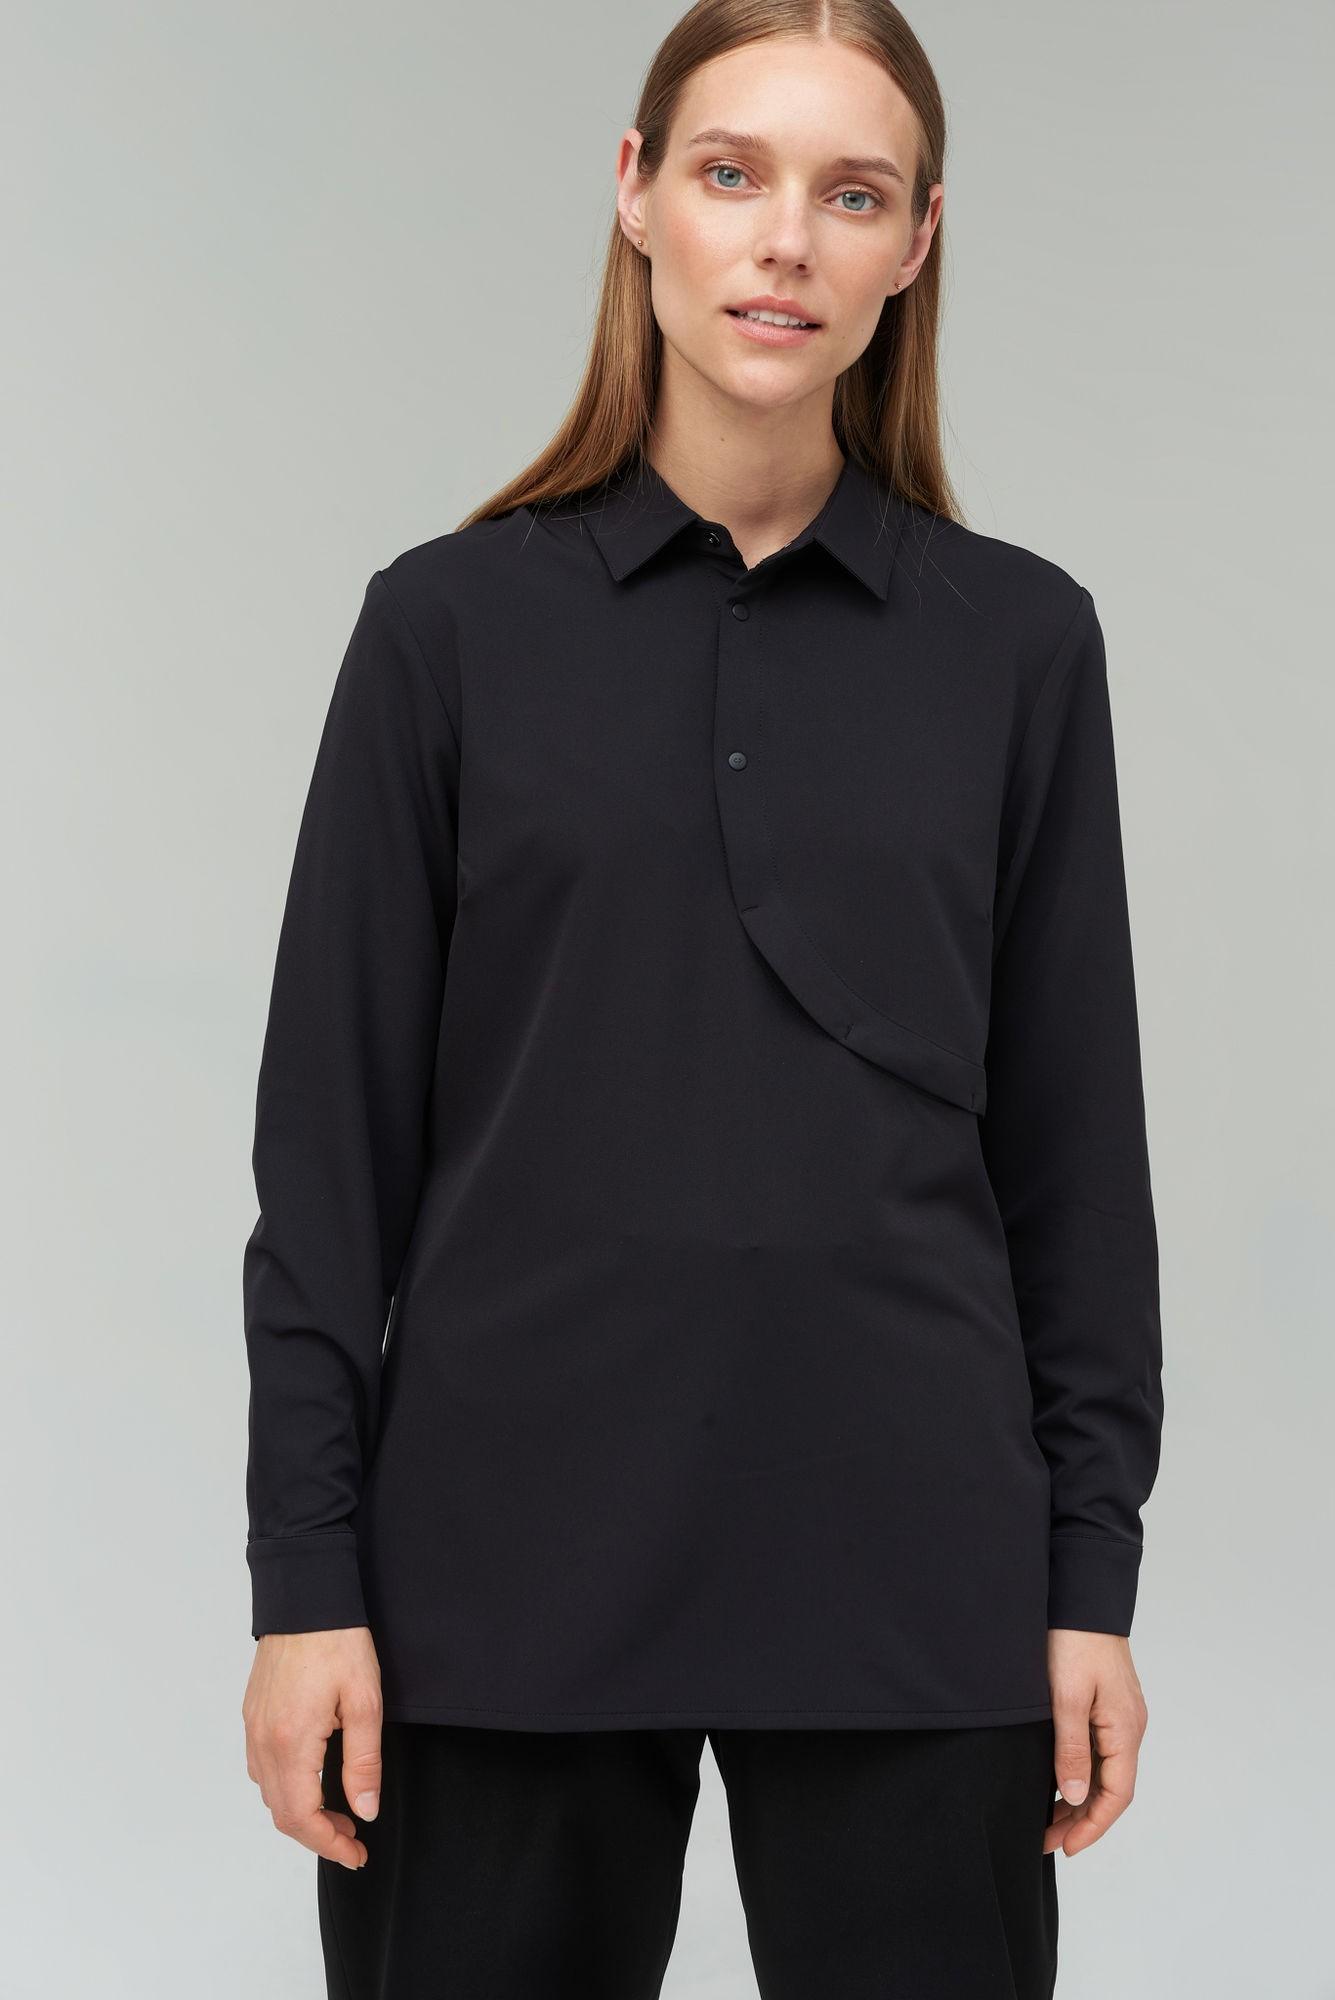 AUDIMAS Lengvi tamprūs marškiniai 20RM-001 Black XL